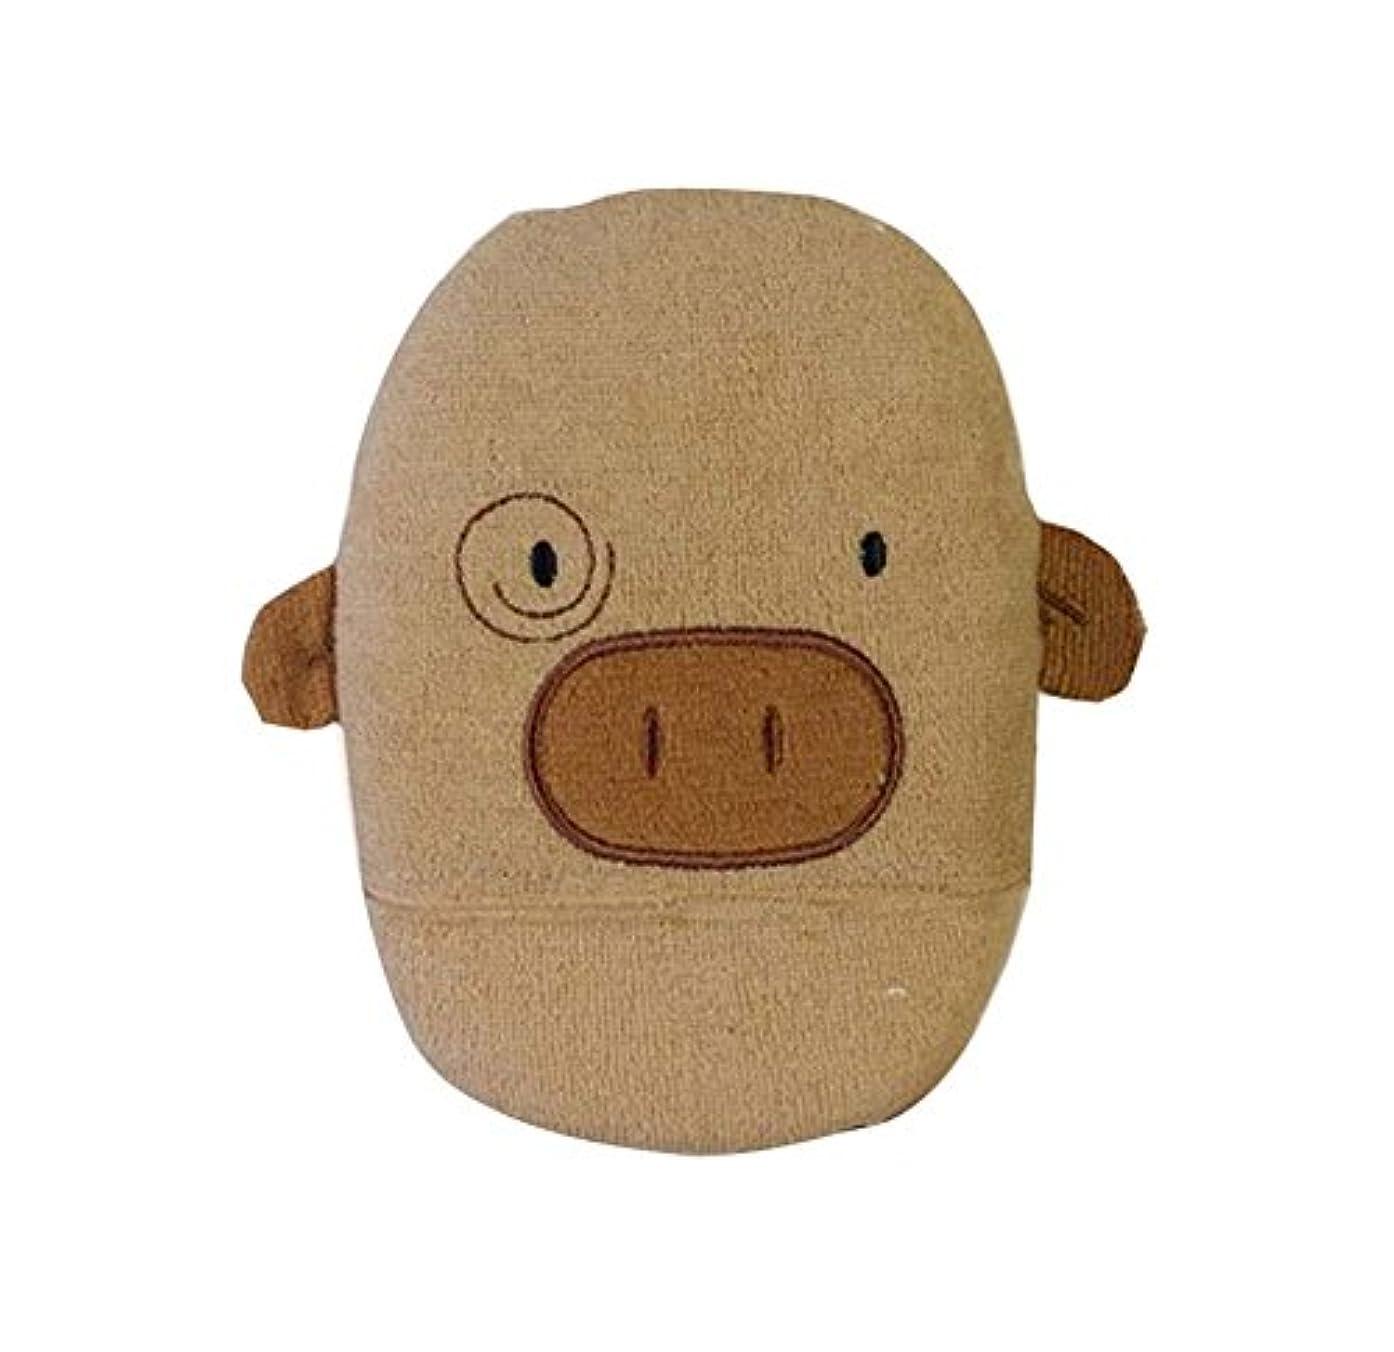 モニカムス結晶髪を落とさないラブリーピギーの形のベビーバススポンジ、コーヒー